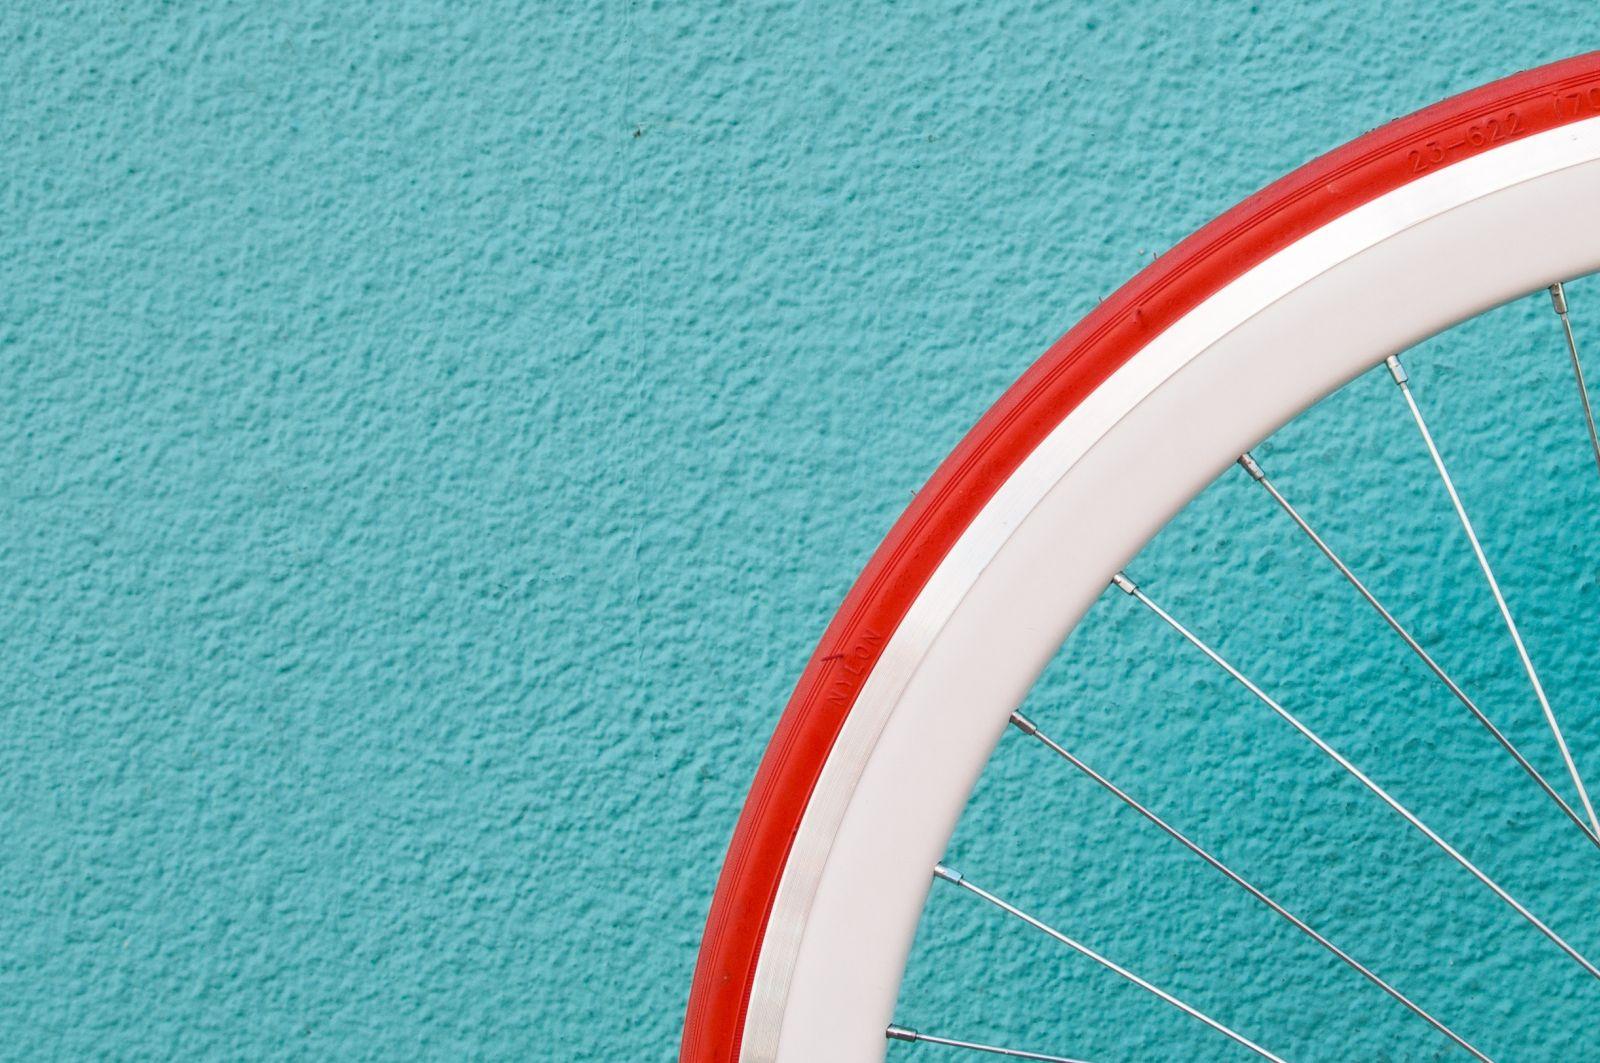 Teil eines Fahrradreifens im unteren rechten Bildrand vor einer türkisfarbenen Wand